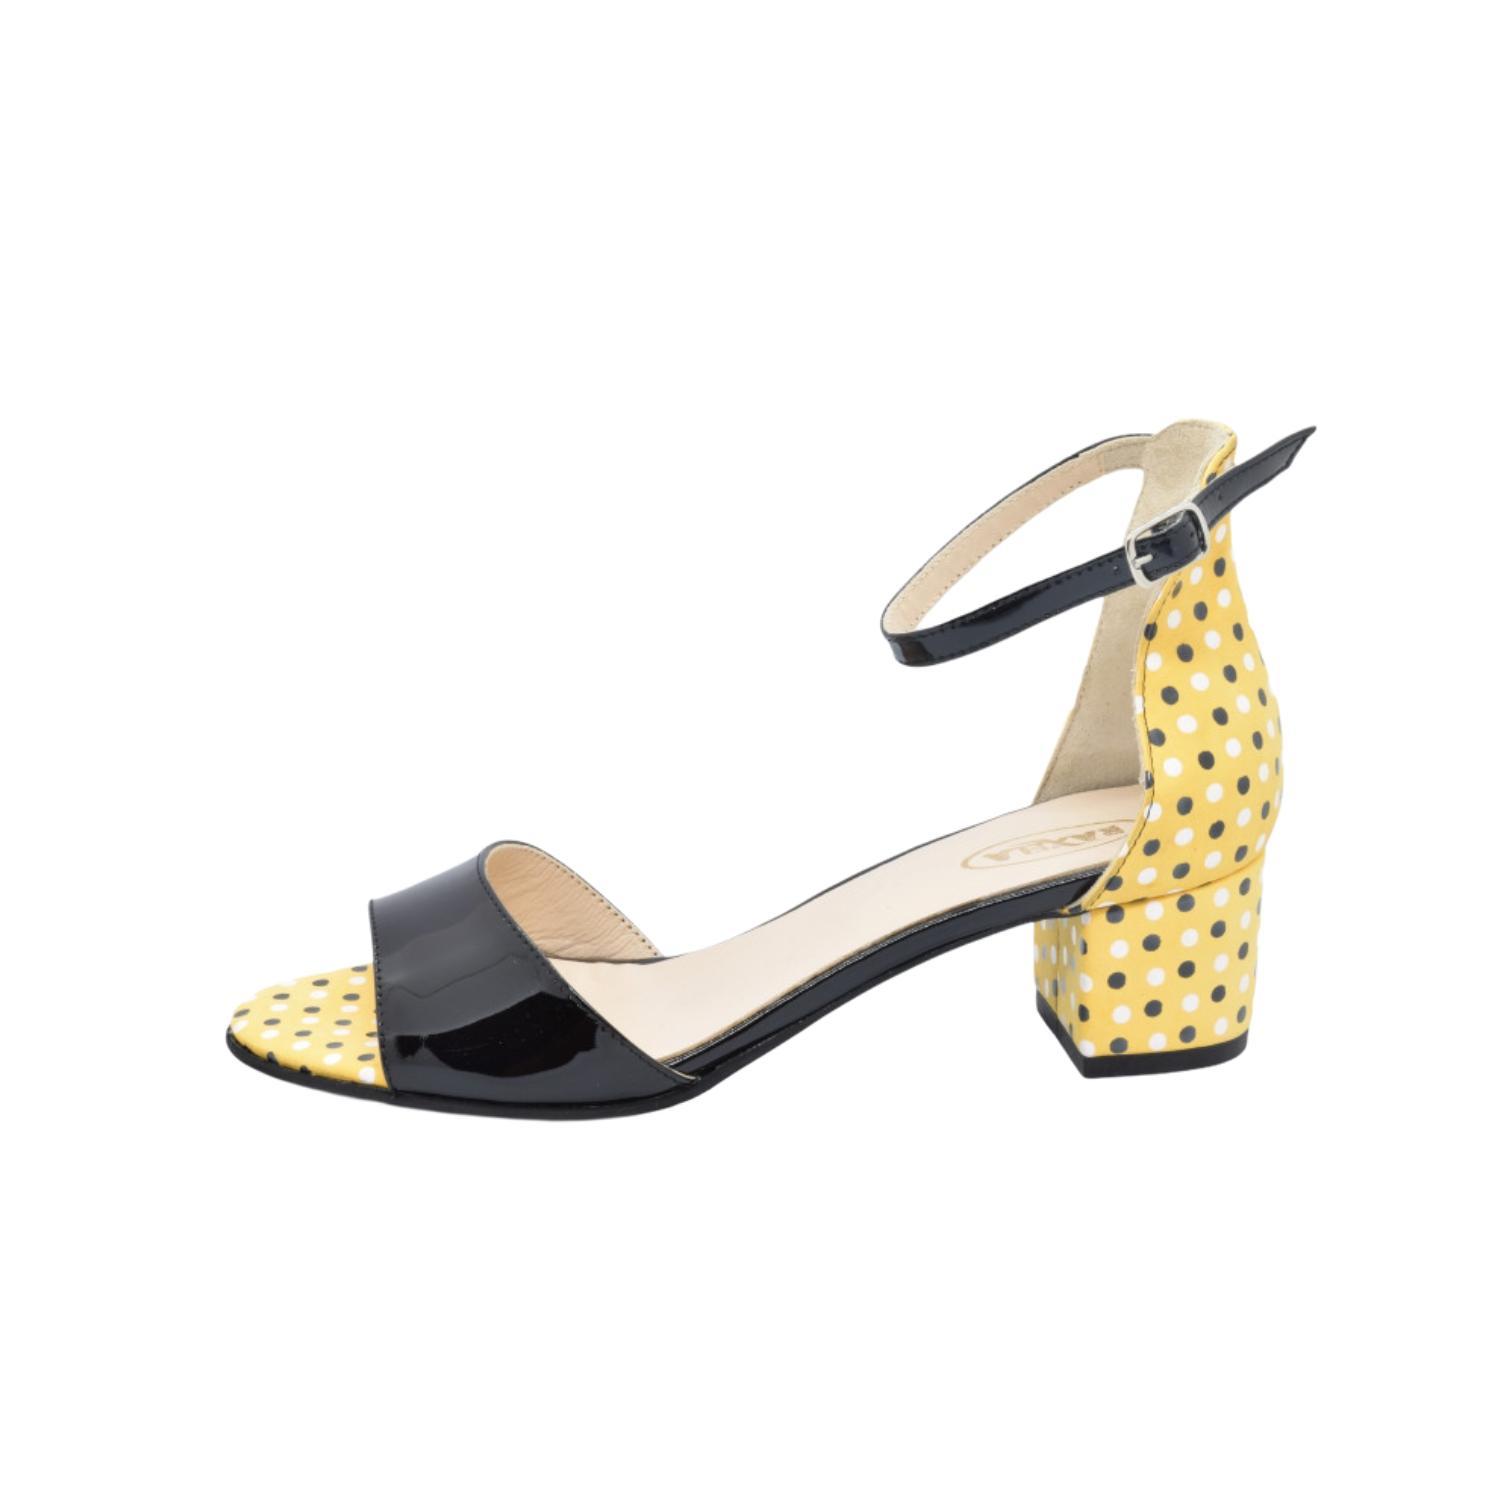 Sandale negre cu imprimeu galben cu buline